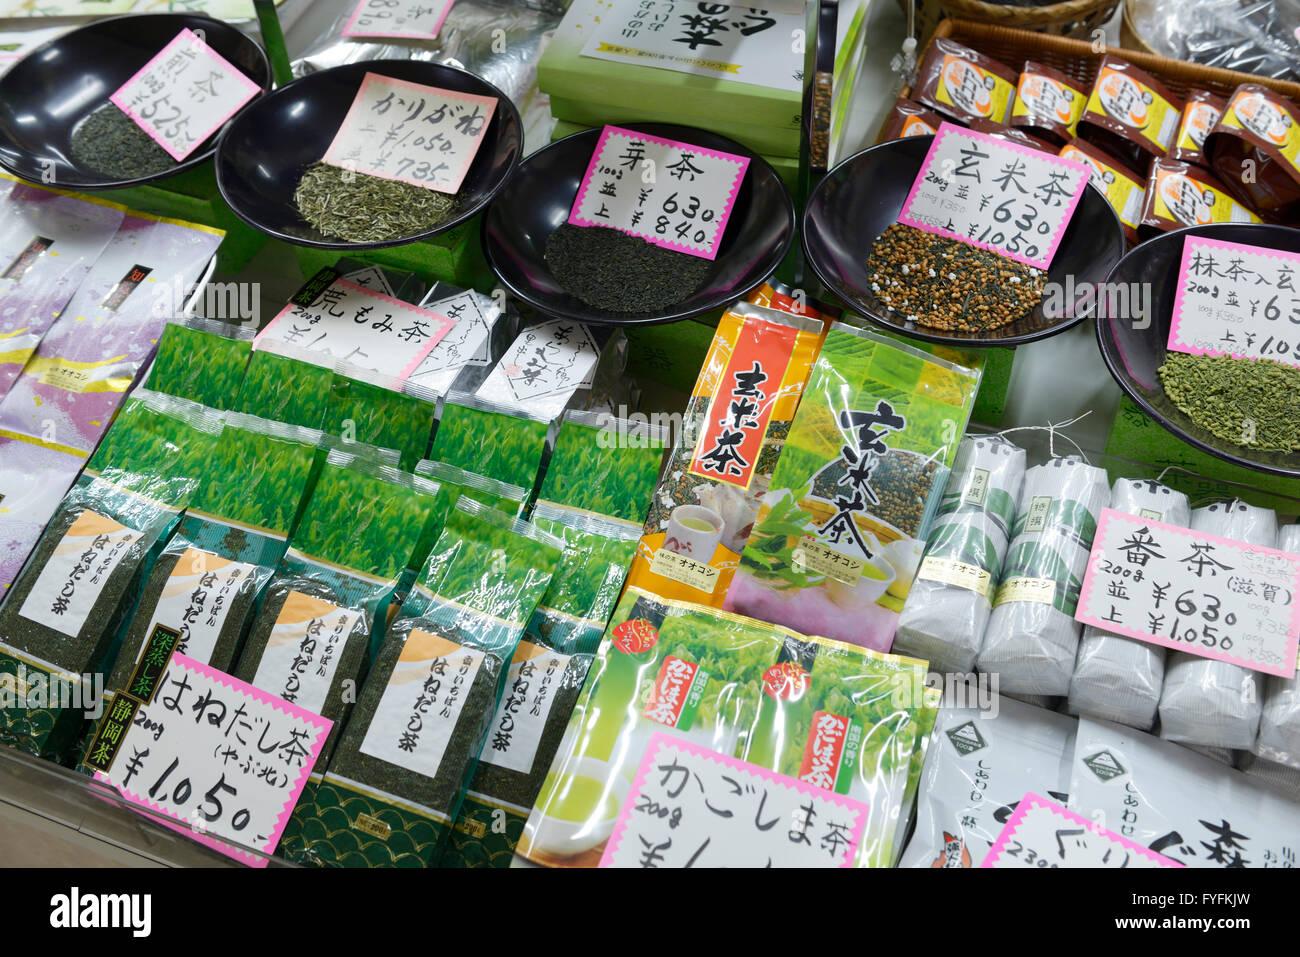 Thés japonais, Genmaicha, dans un magasin, Tokyo, Japon Photo Stock